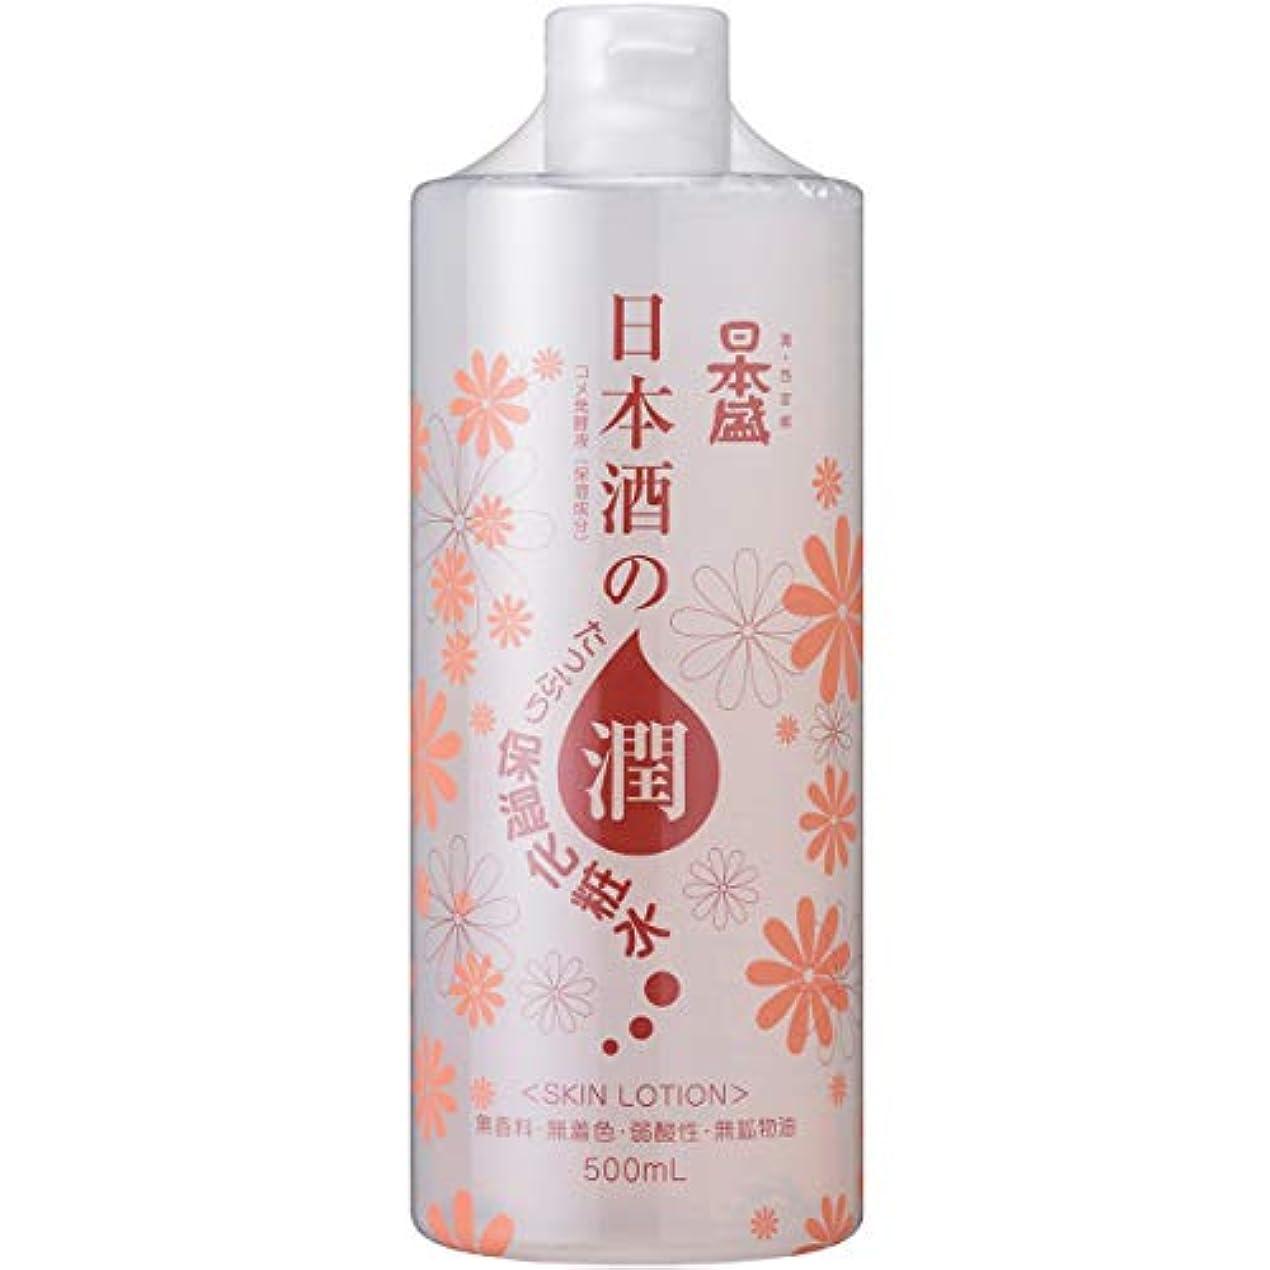 出力拡散するそして日本酒の保湿化粧水 500mL